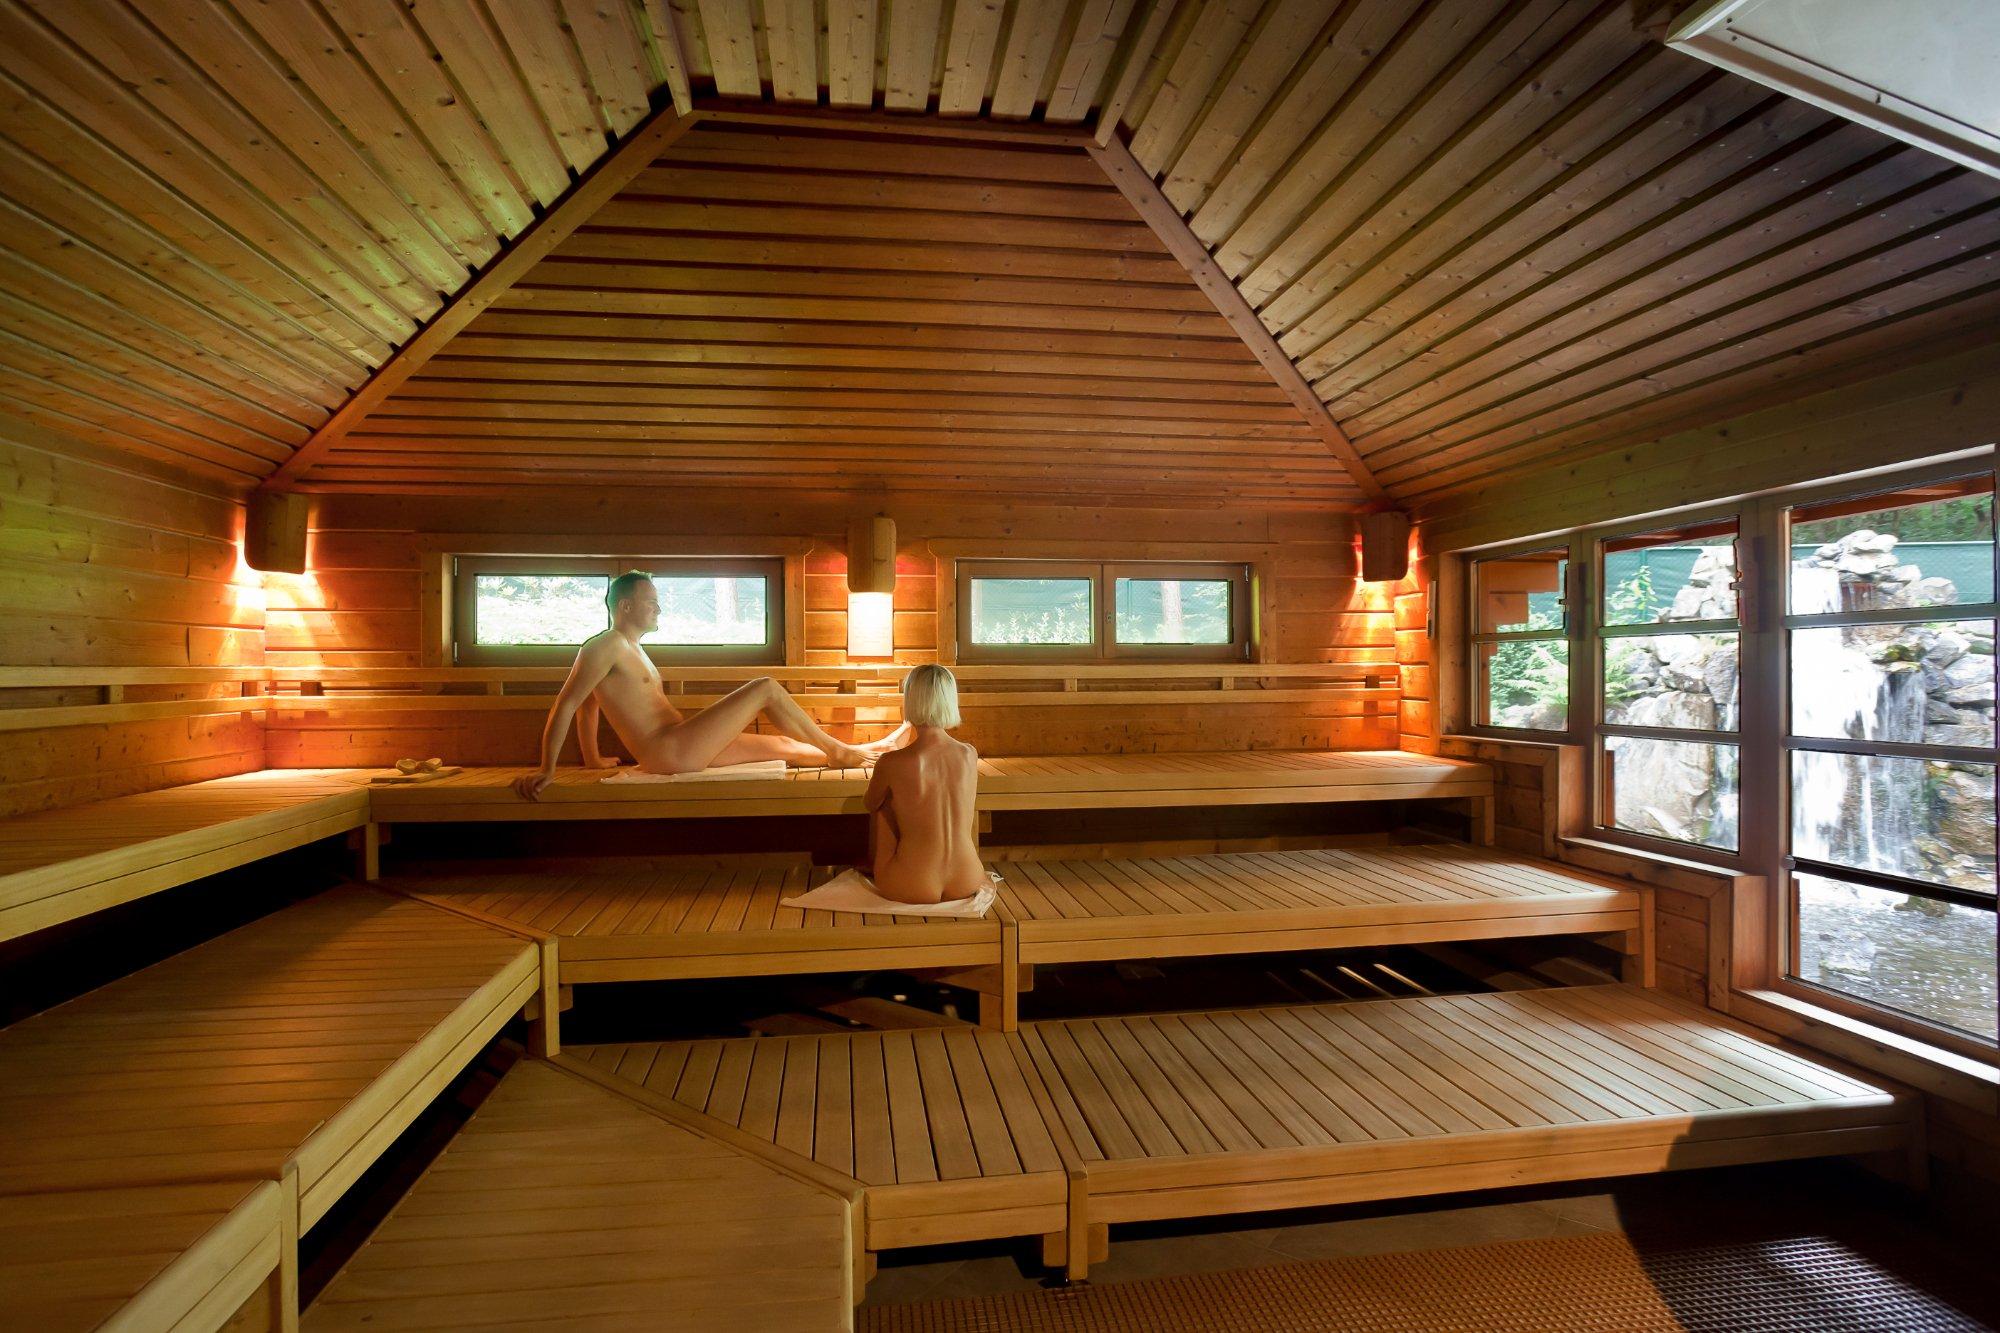 Hezemeer antwerpen belgi beoordelingen tripadvisor - Achat sauna belgique ...